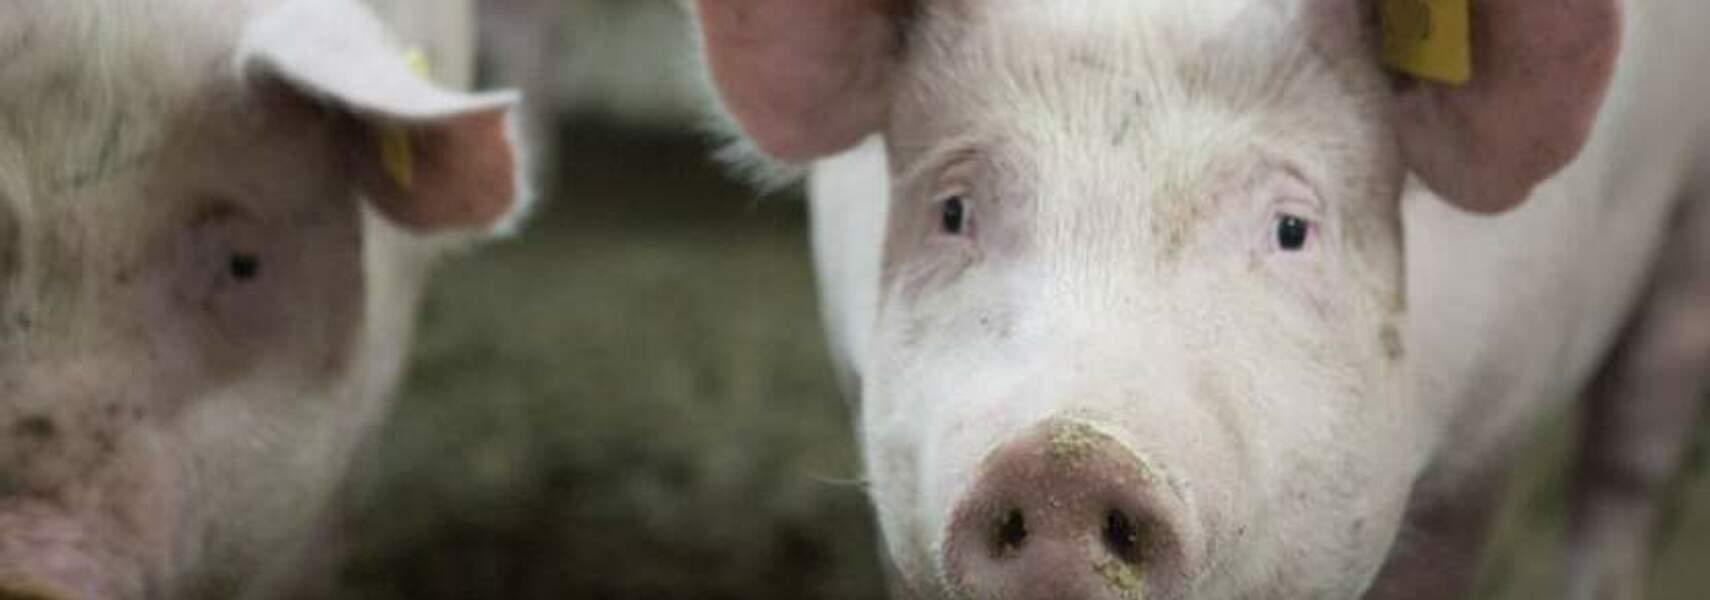 Schmerzhafter Tag für die deutsche Schweinehaltung